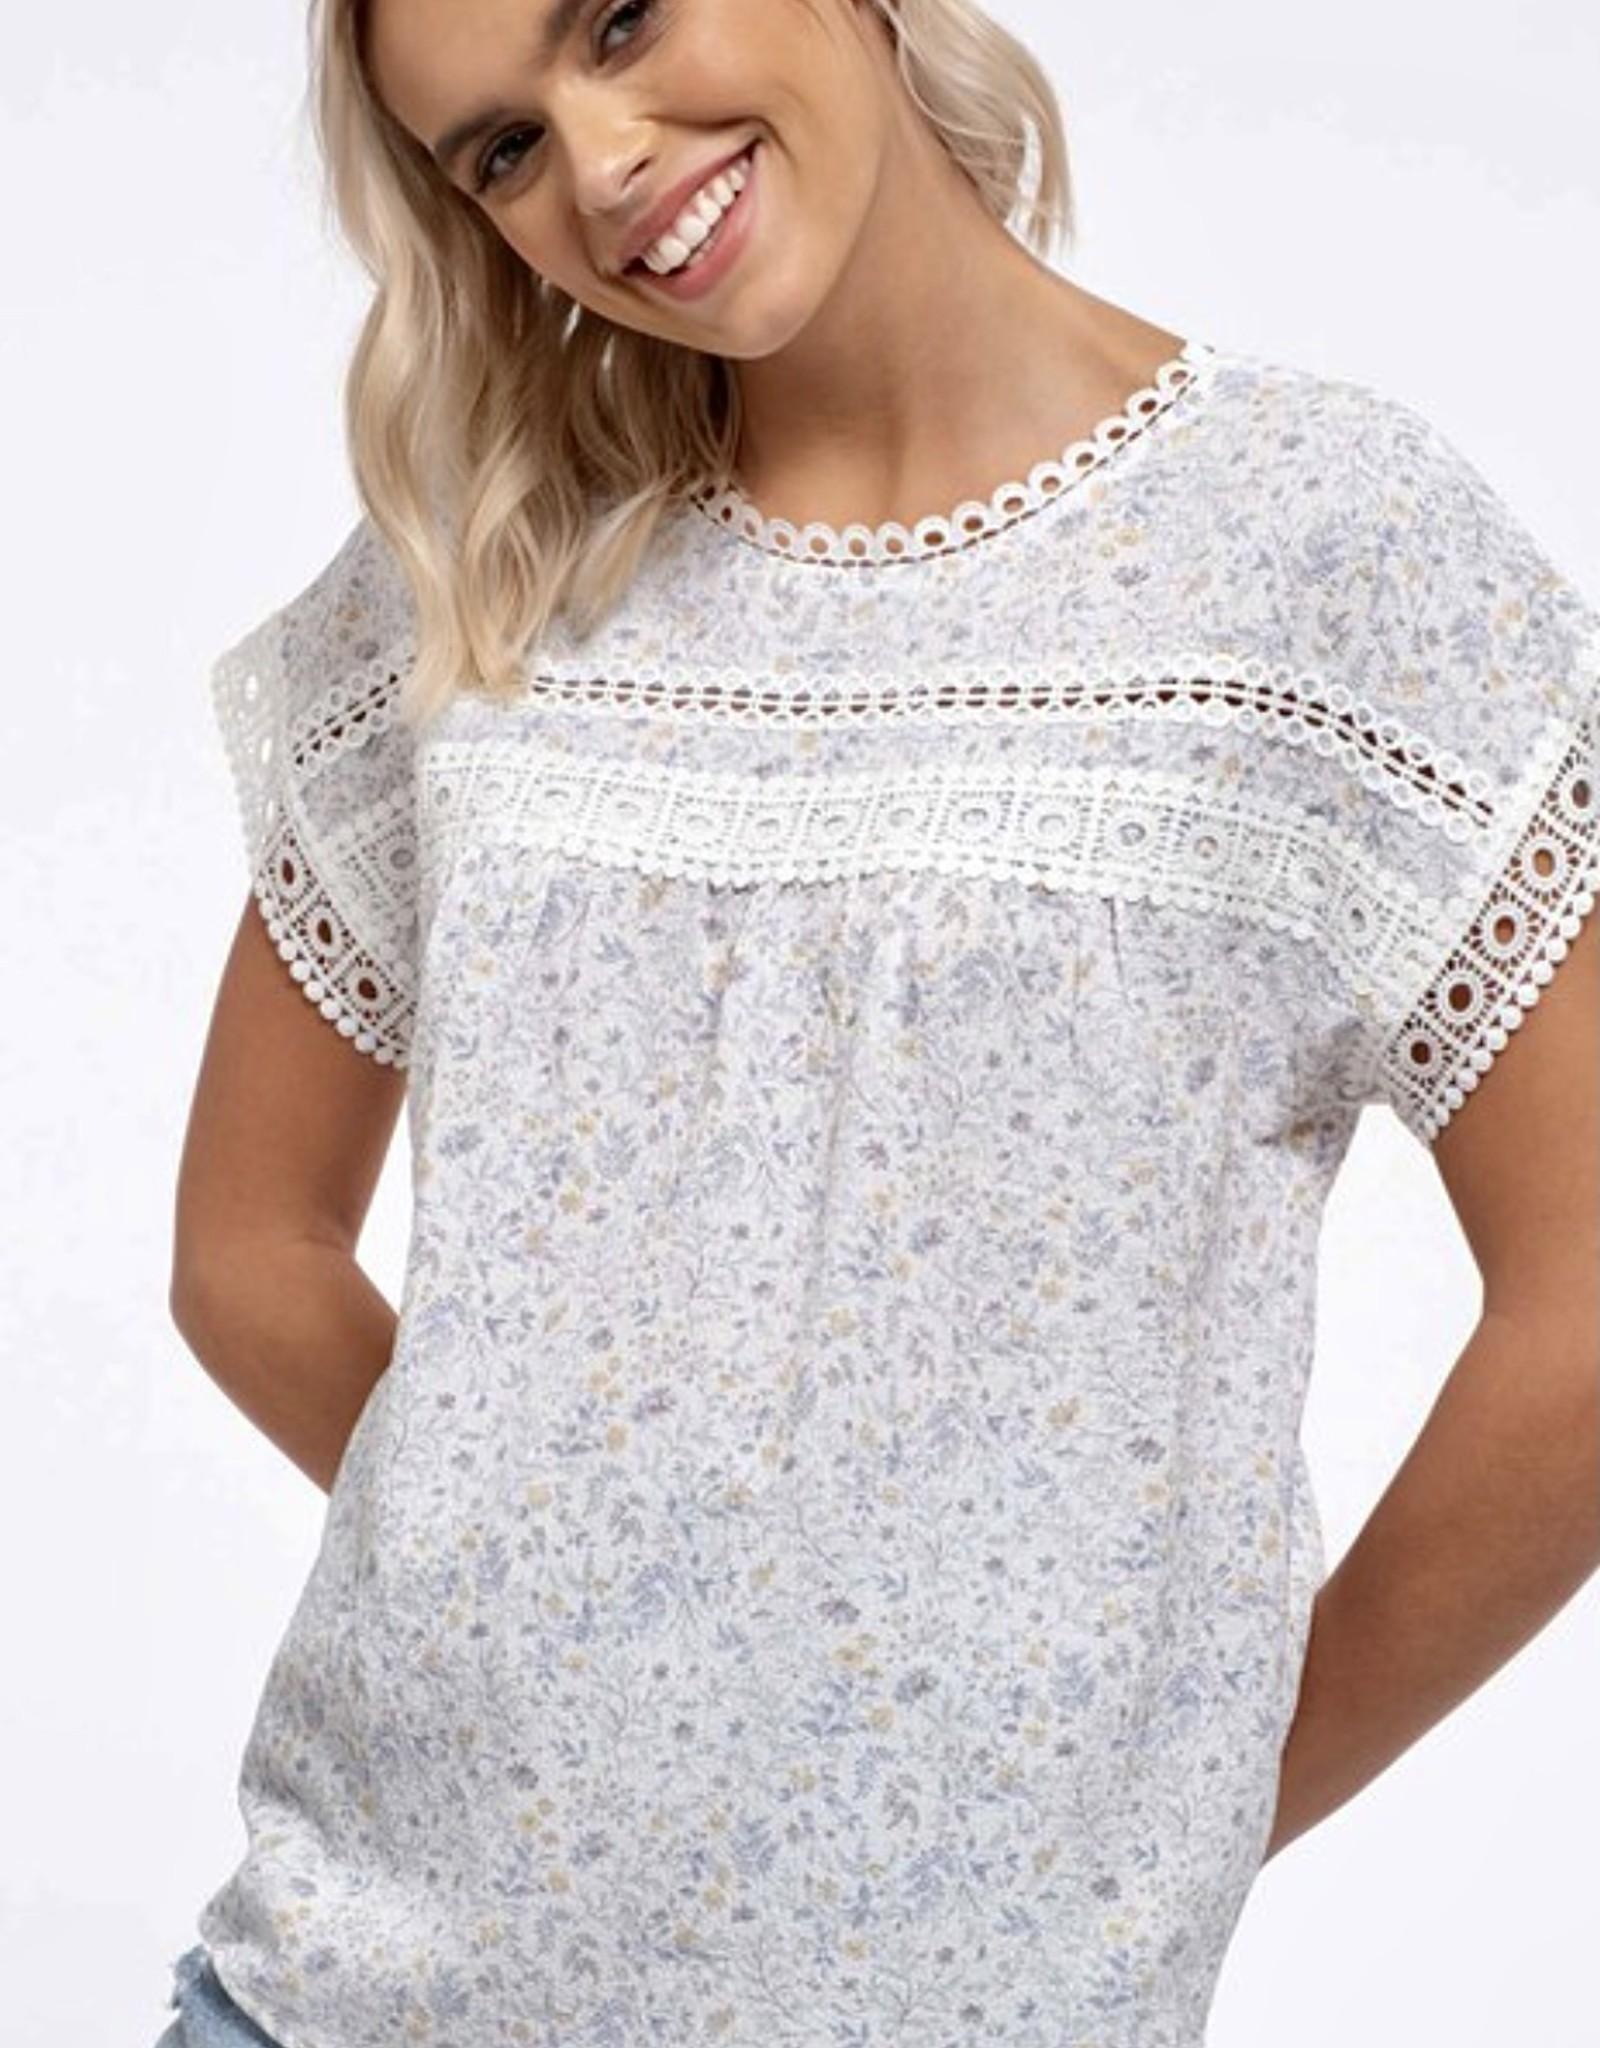 HUSH Floral print, lace trim s/s blouse